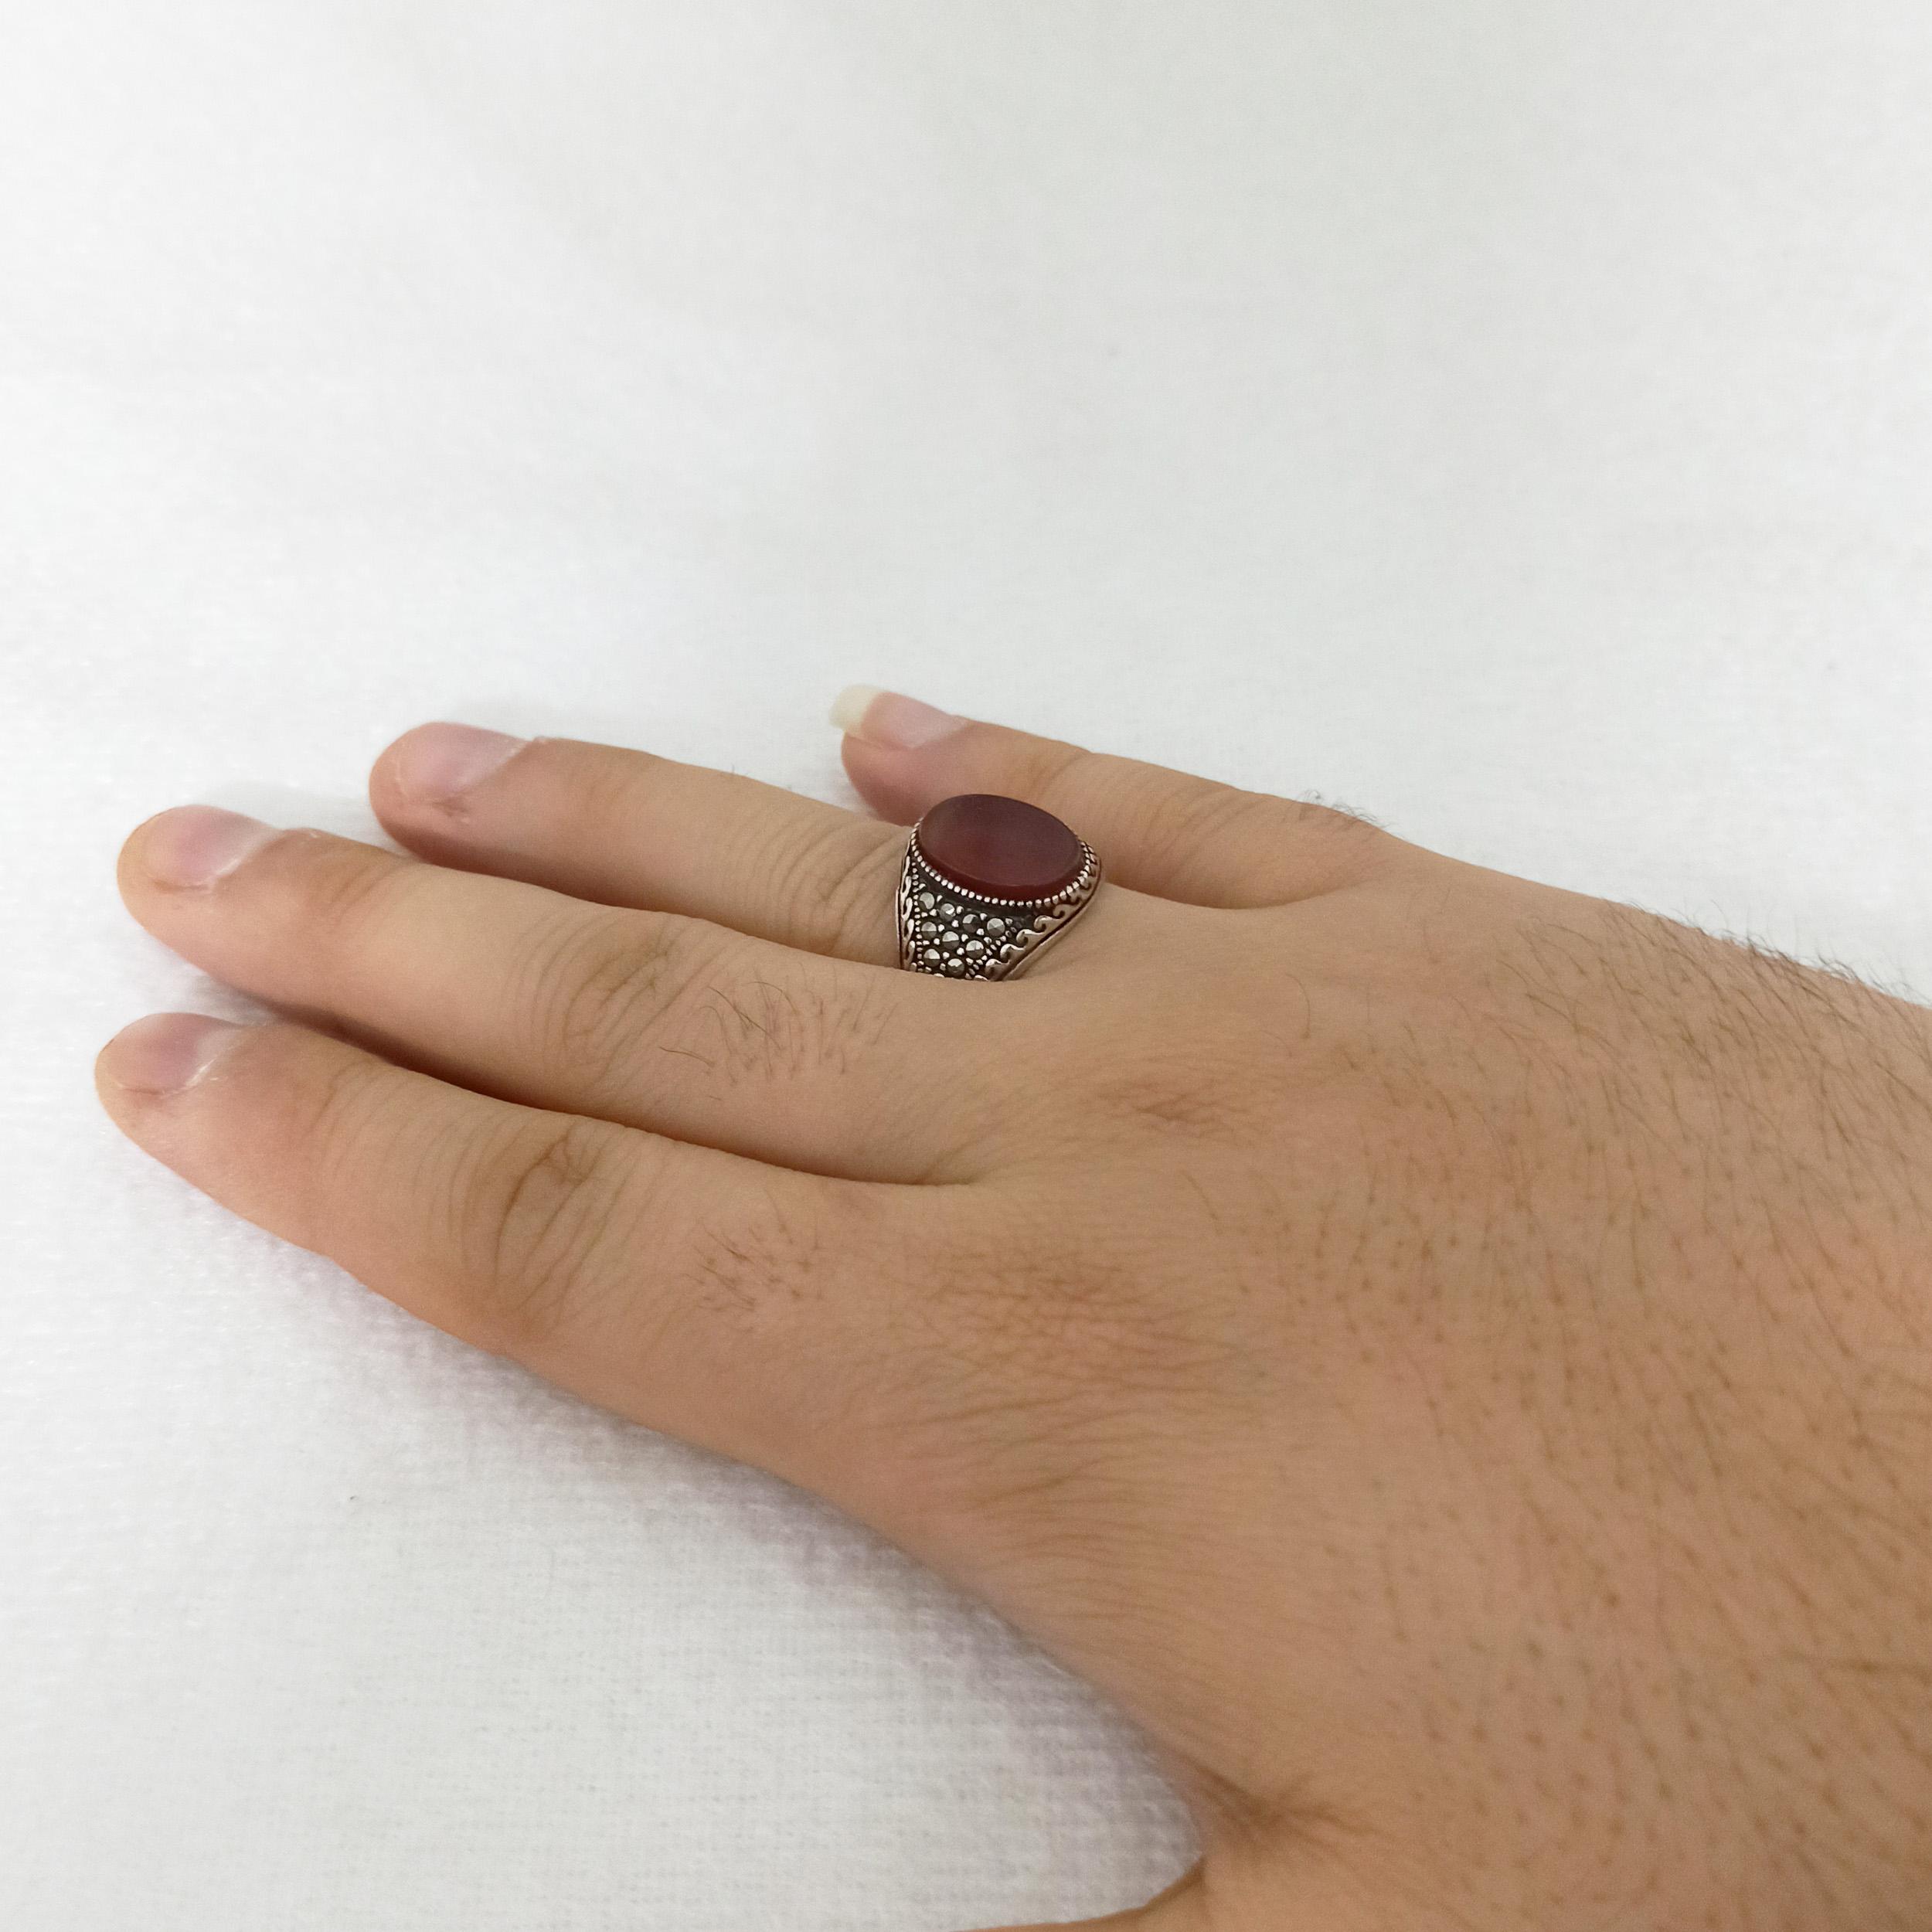 انگشتر نقره مردانه سلین کالا مدل ce-aqanma10